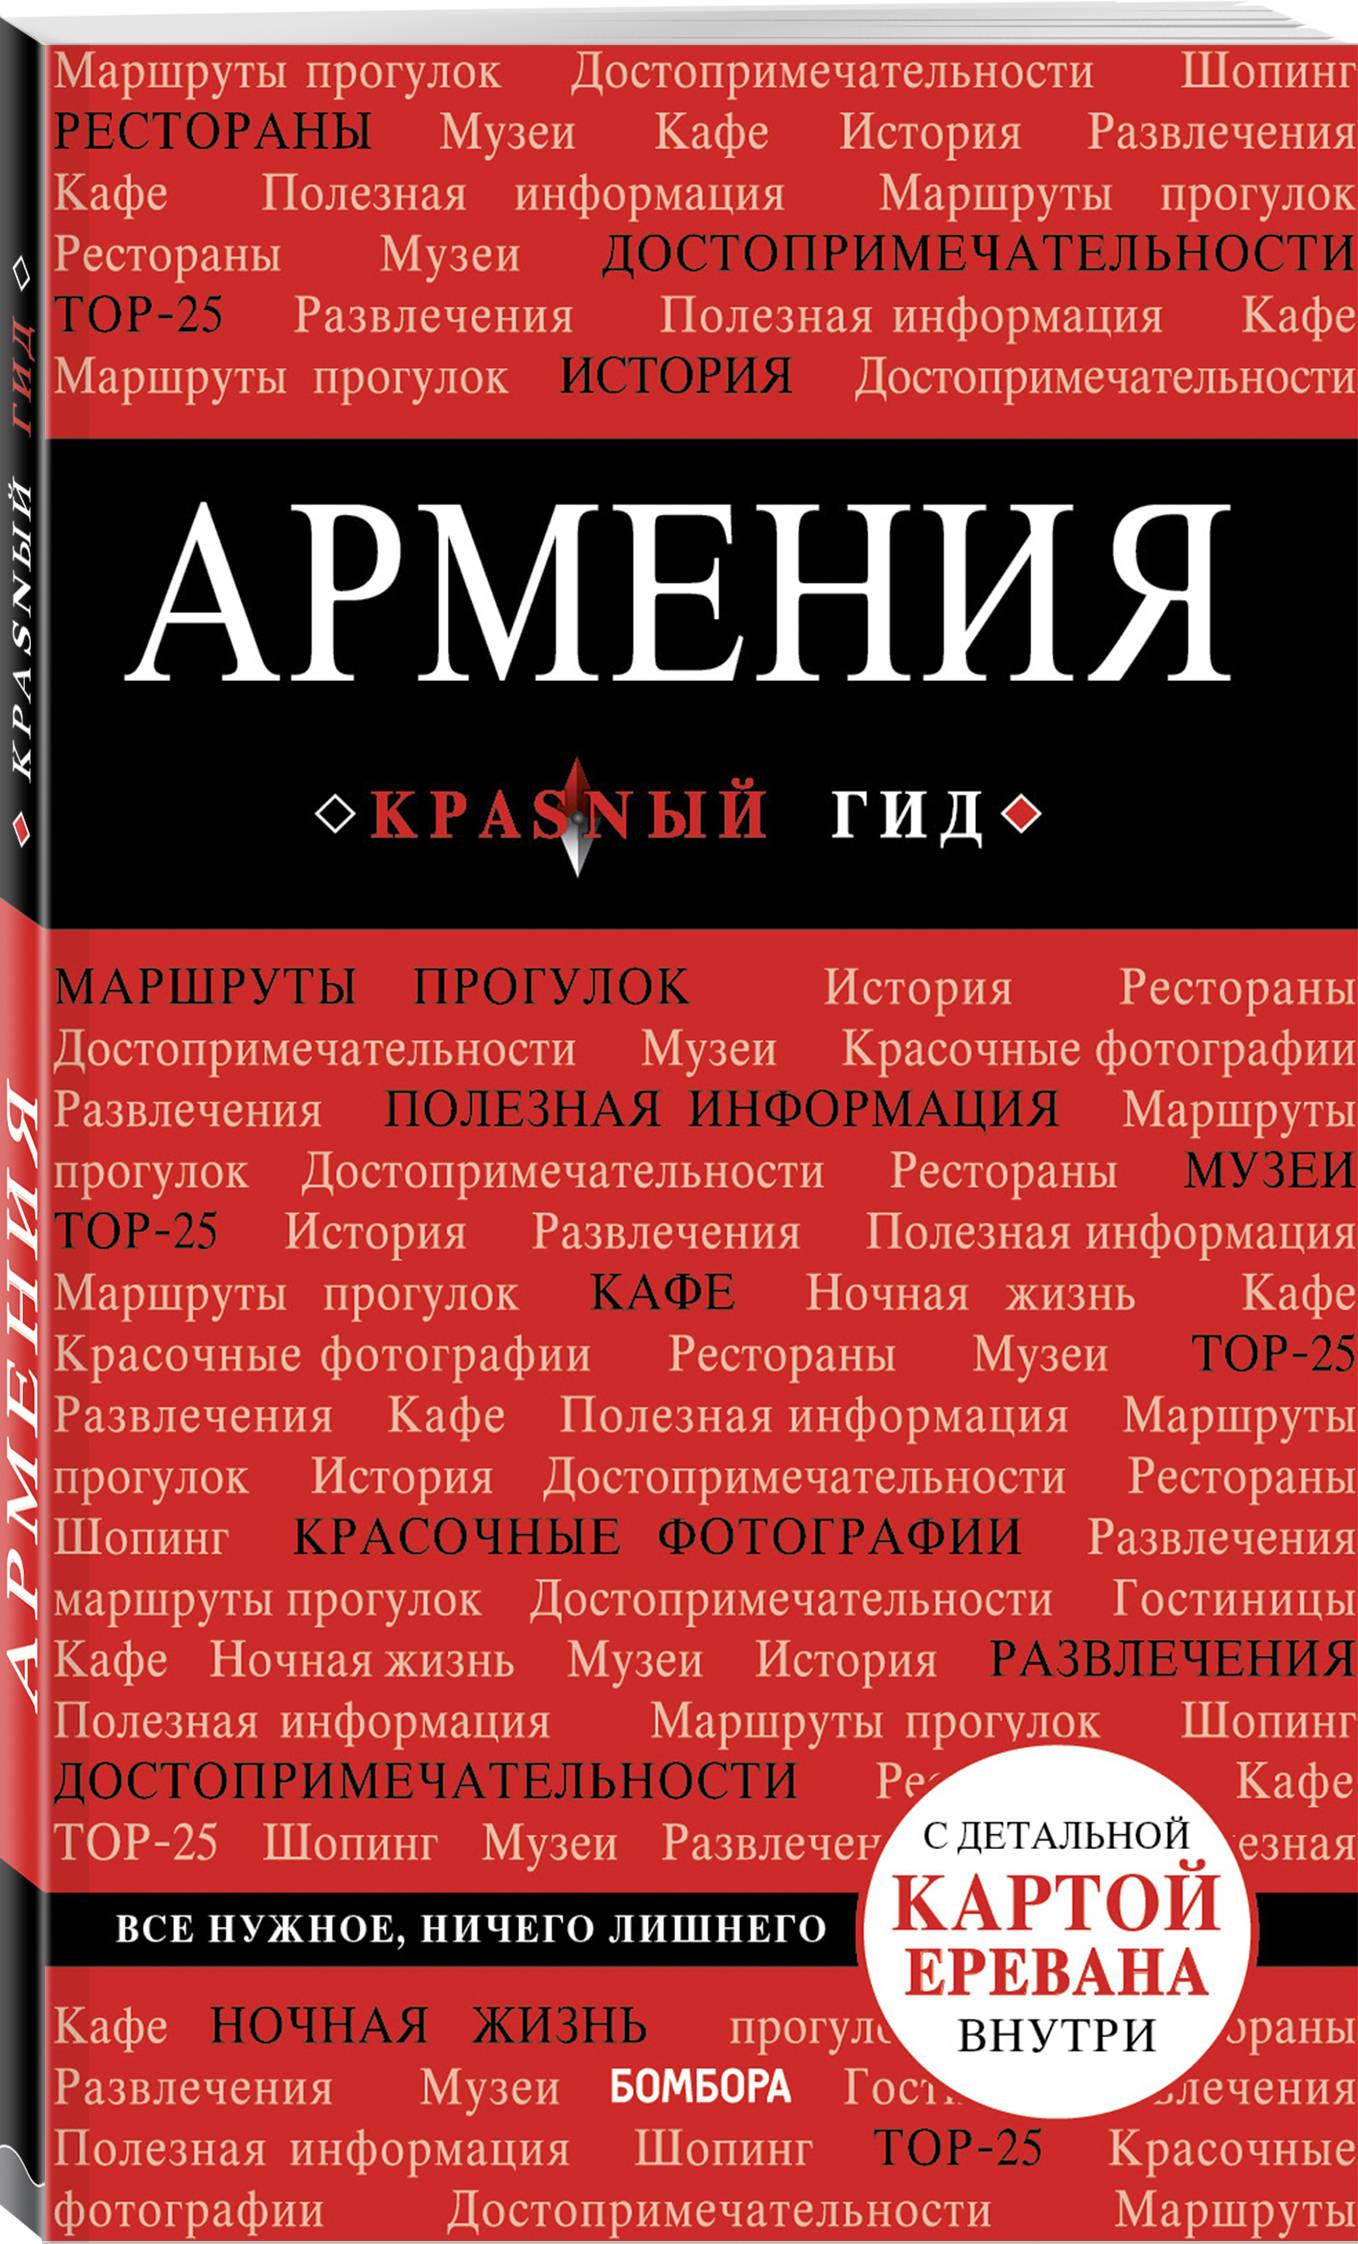 Армения: путеводитель + карта